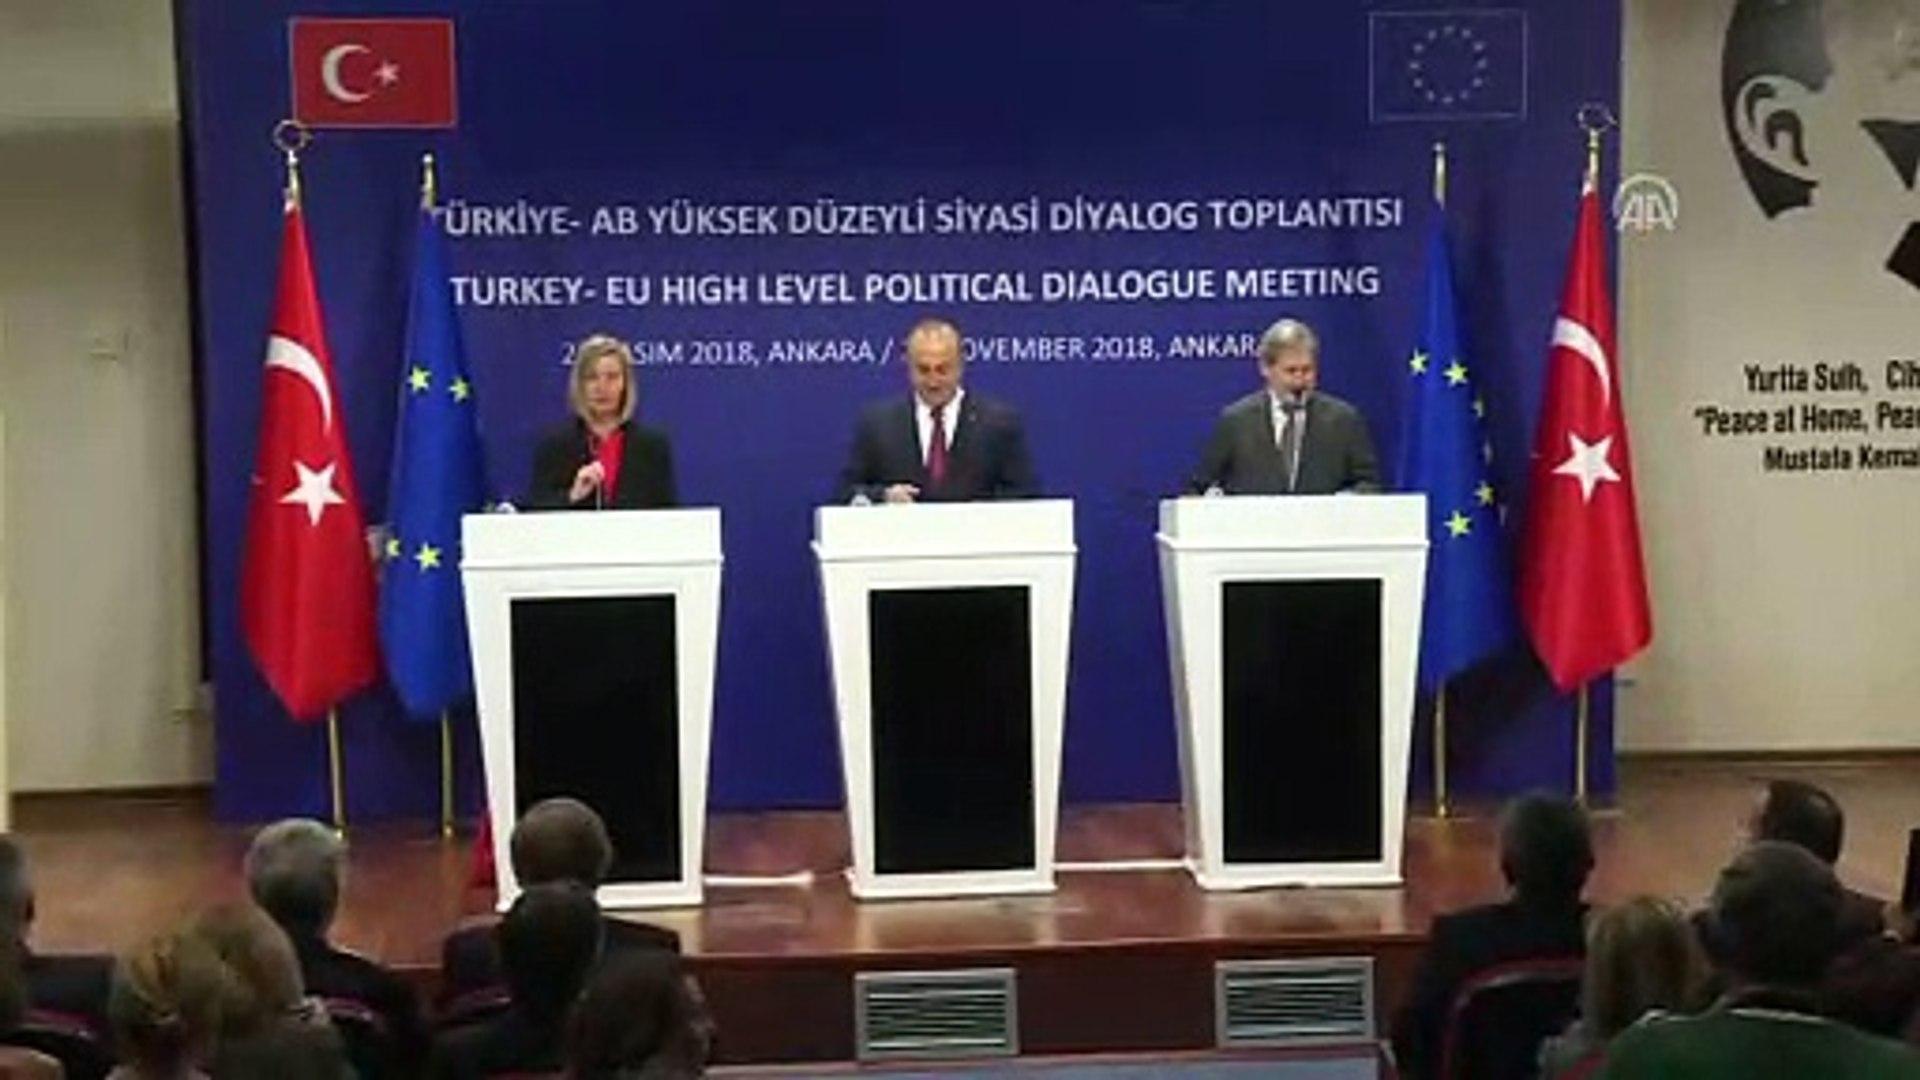 Çavuşoğlu: '(AB süreci) Türkiye'yi dışlayan, aday ülke olduğunu inkar eden açıklamaların f